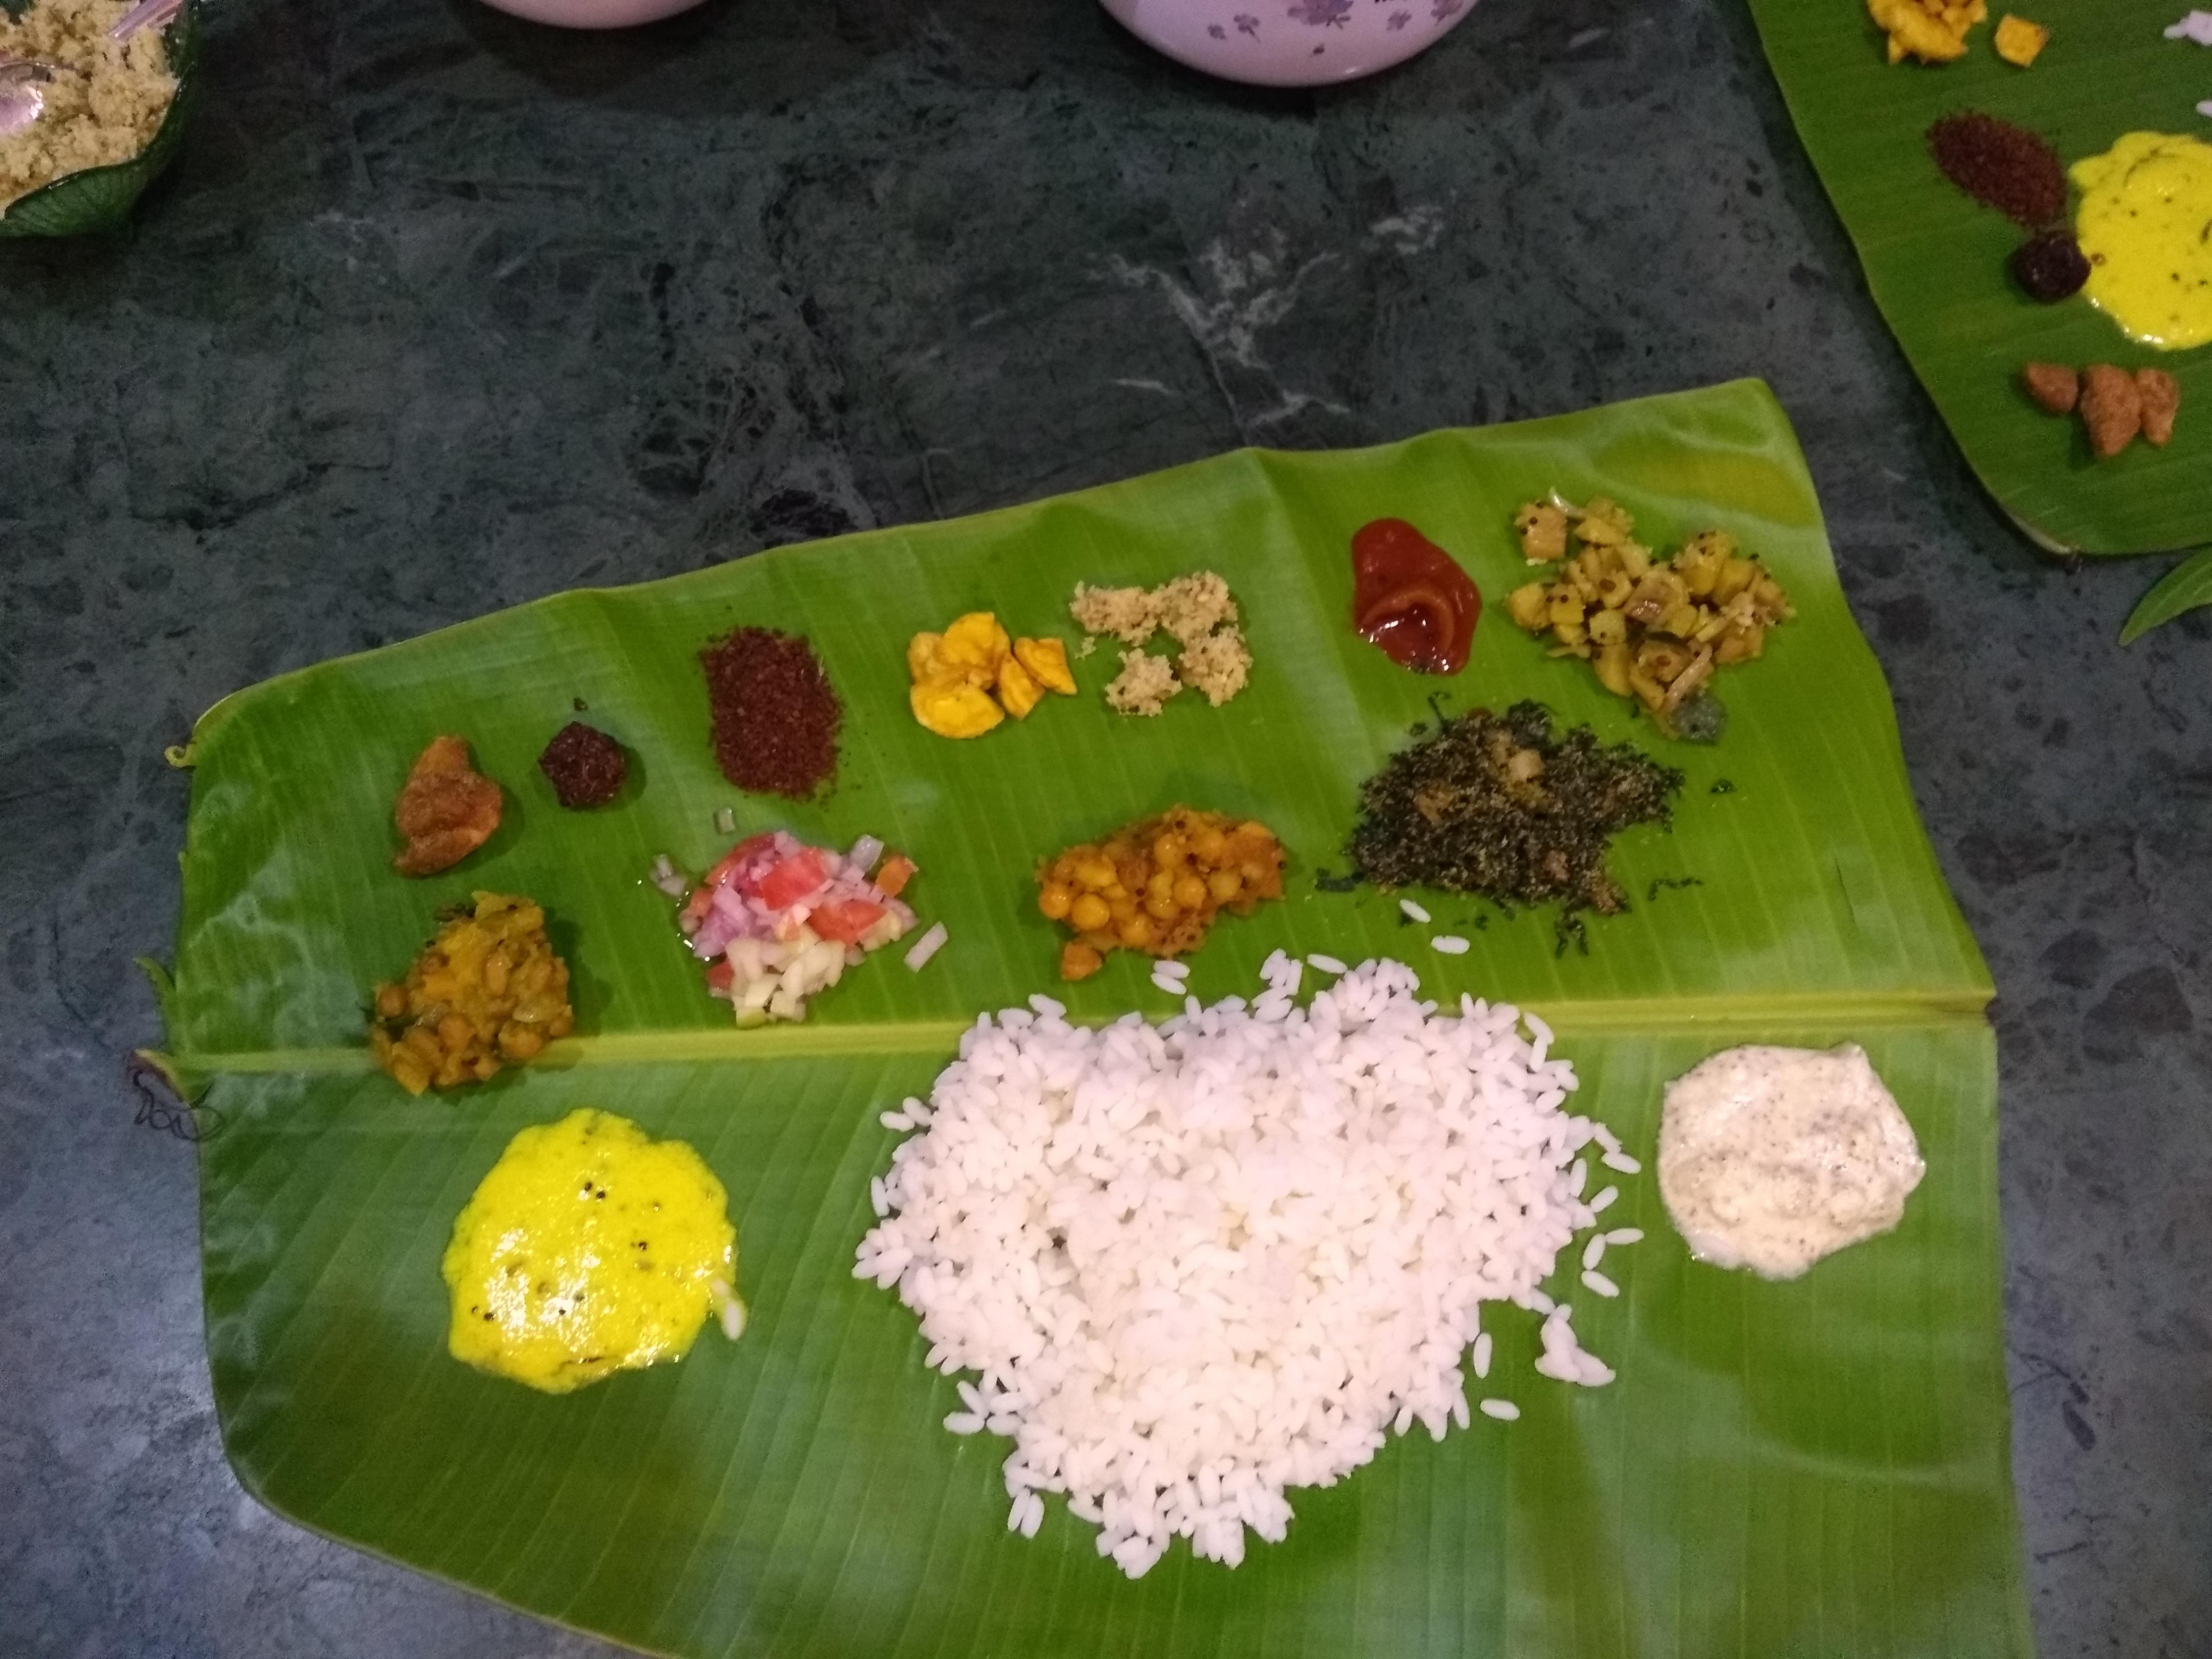 Traditional Keralite fare, but vegetarian